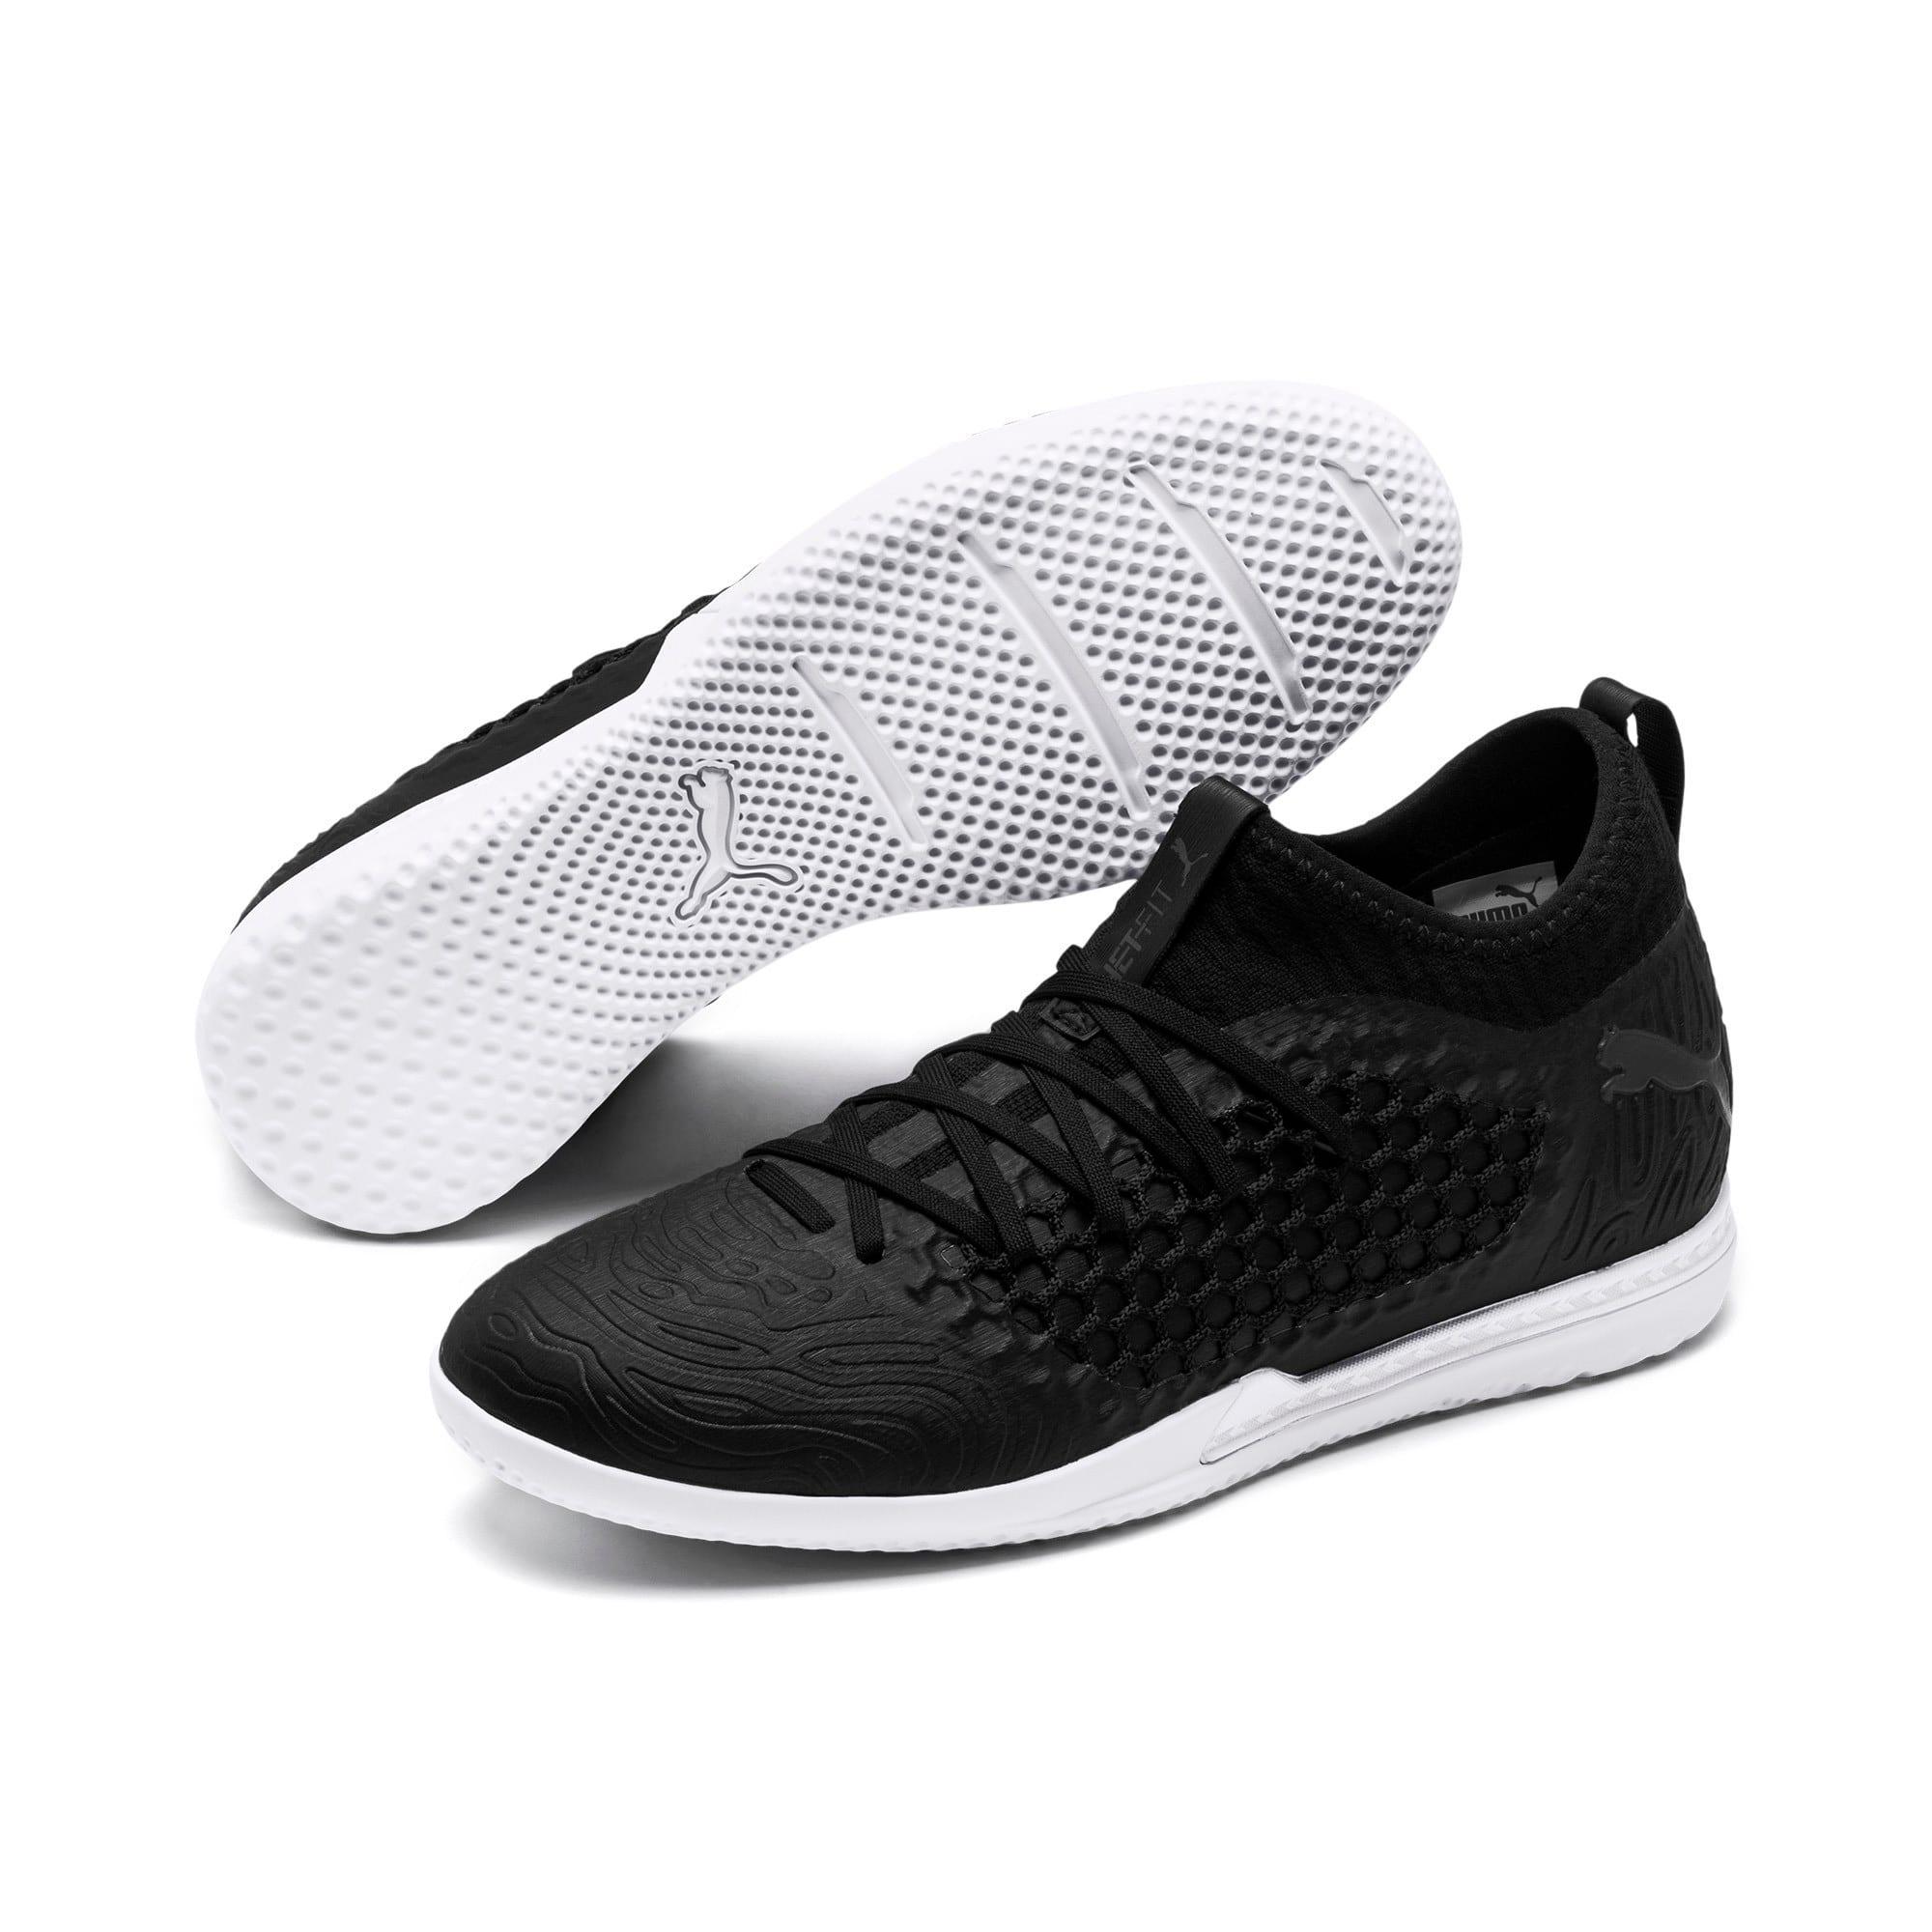 Thumbnail 2 of FUTURE 19.3 NETFIT IT Men's Soccer Shoes, Puma Black-Puma Black-White, medium